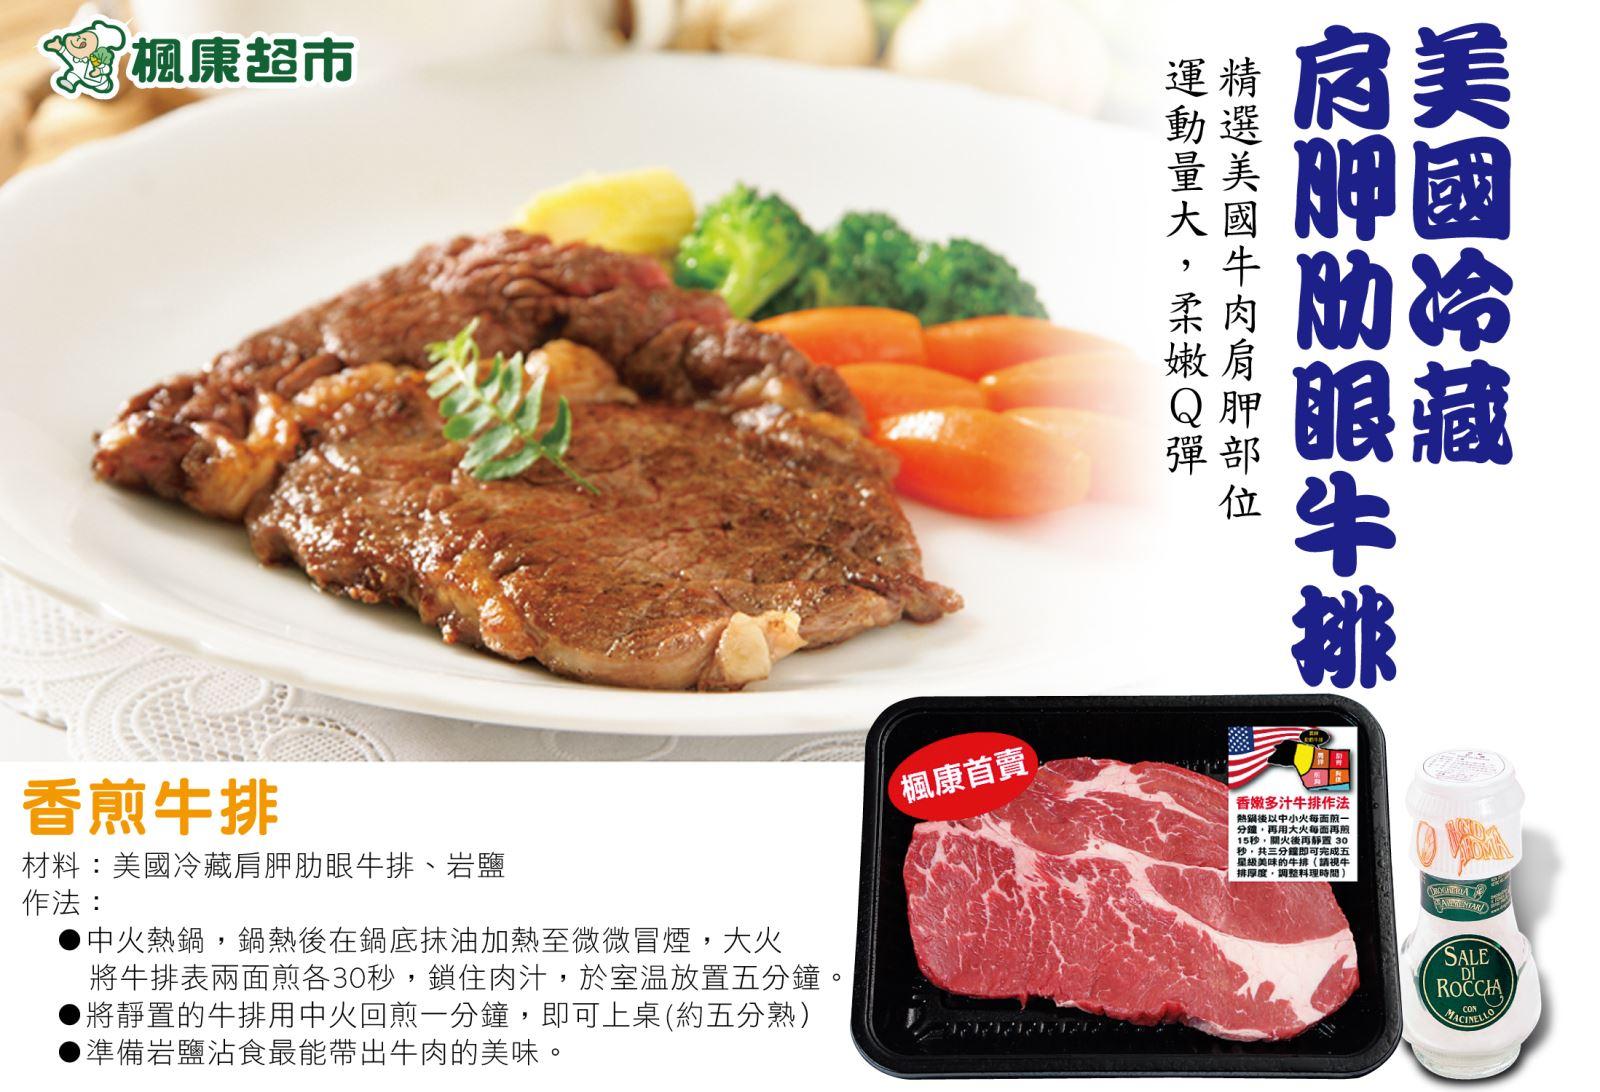 Beef 神 大